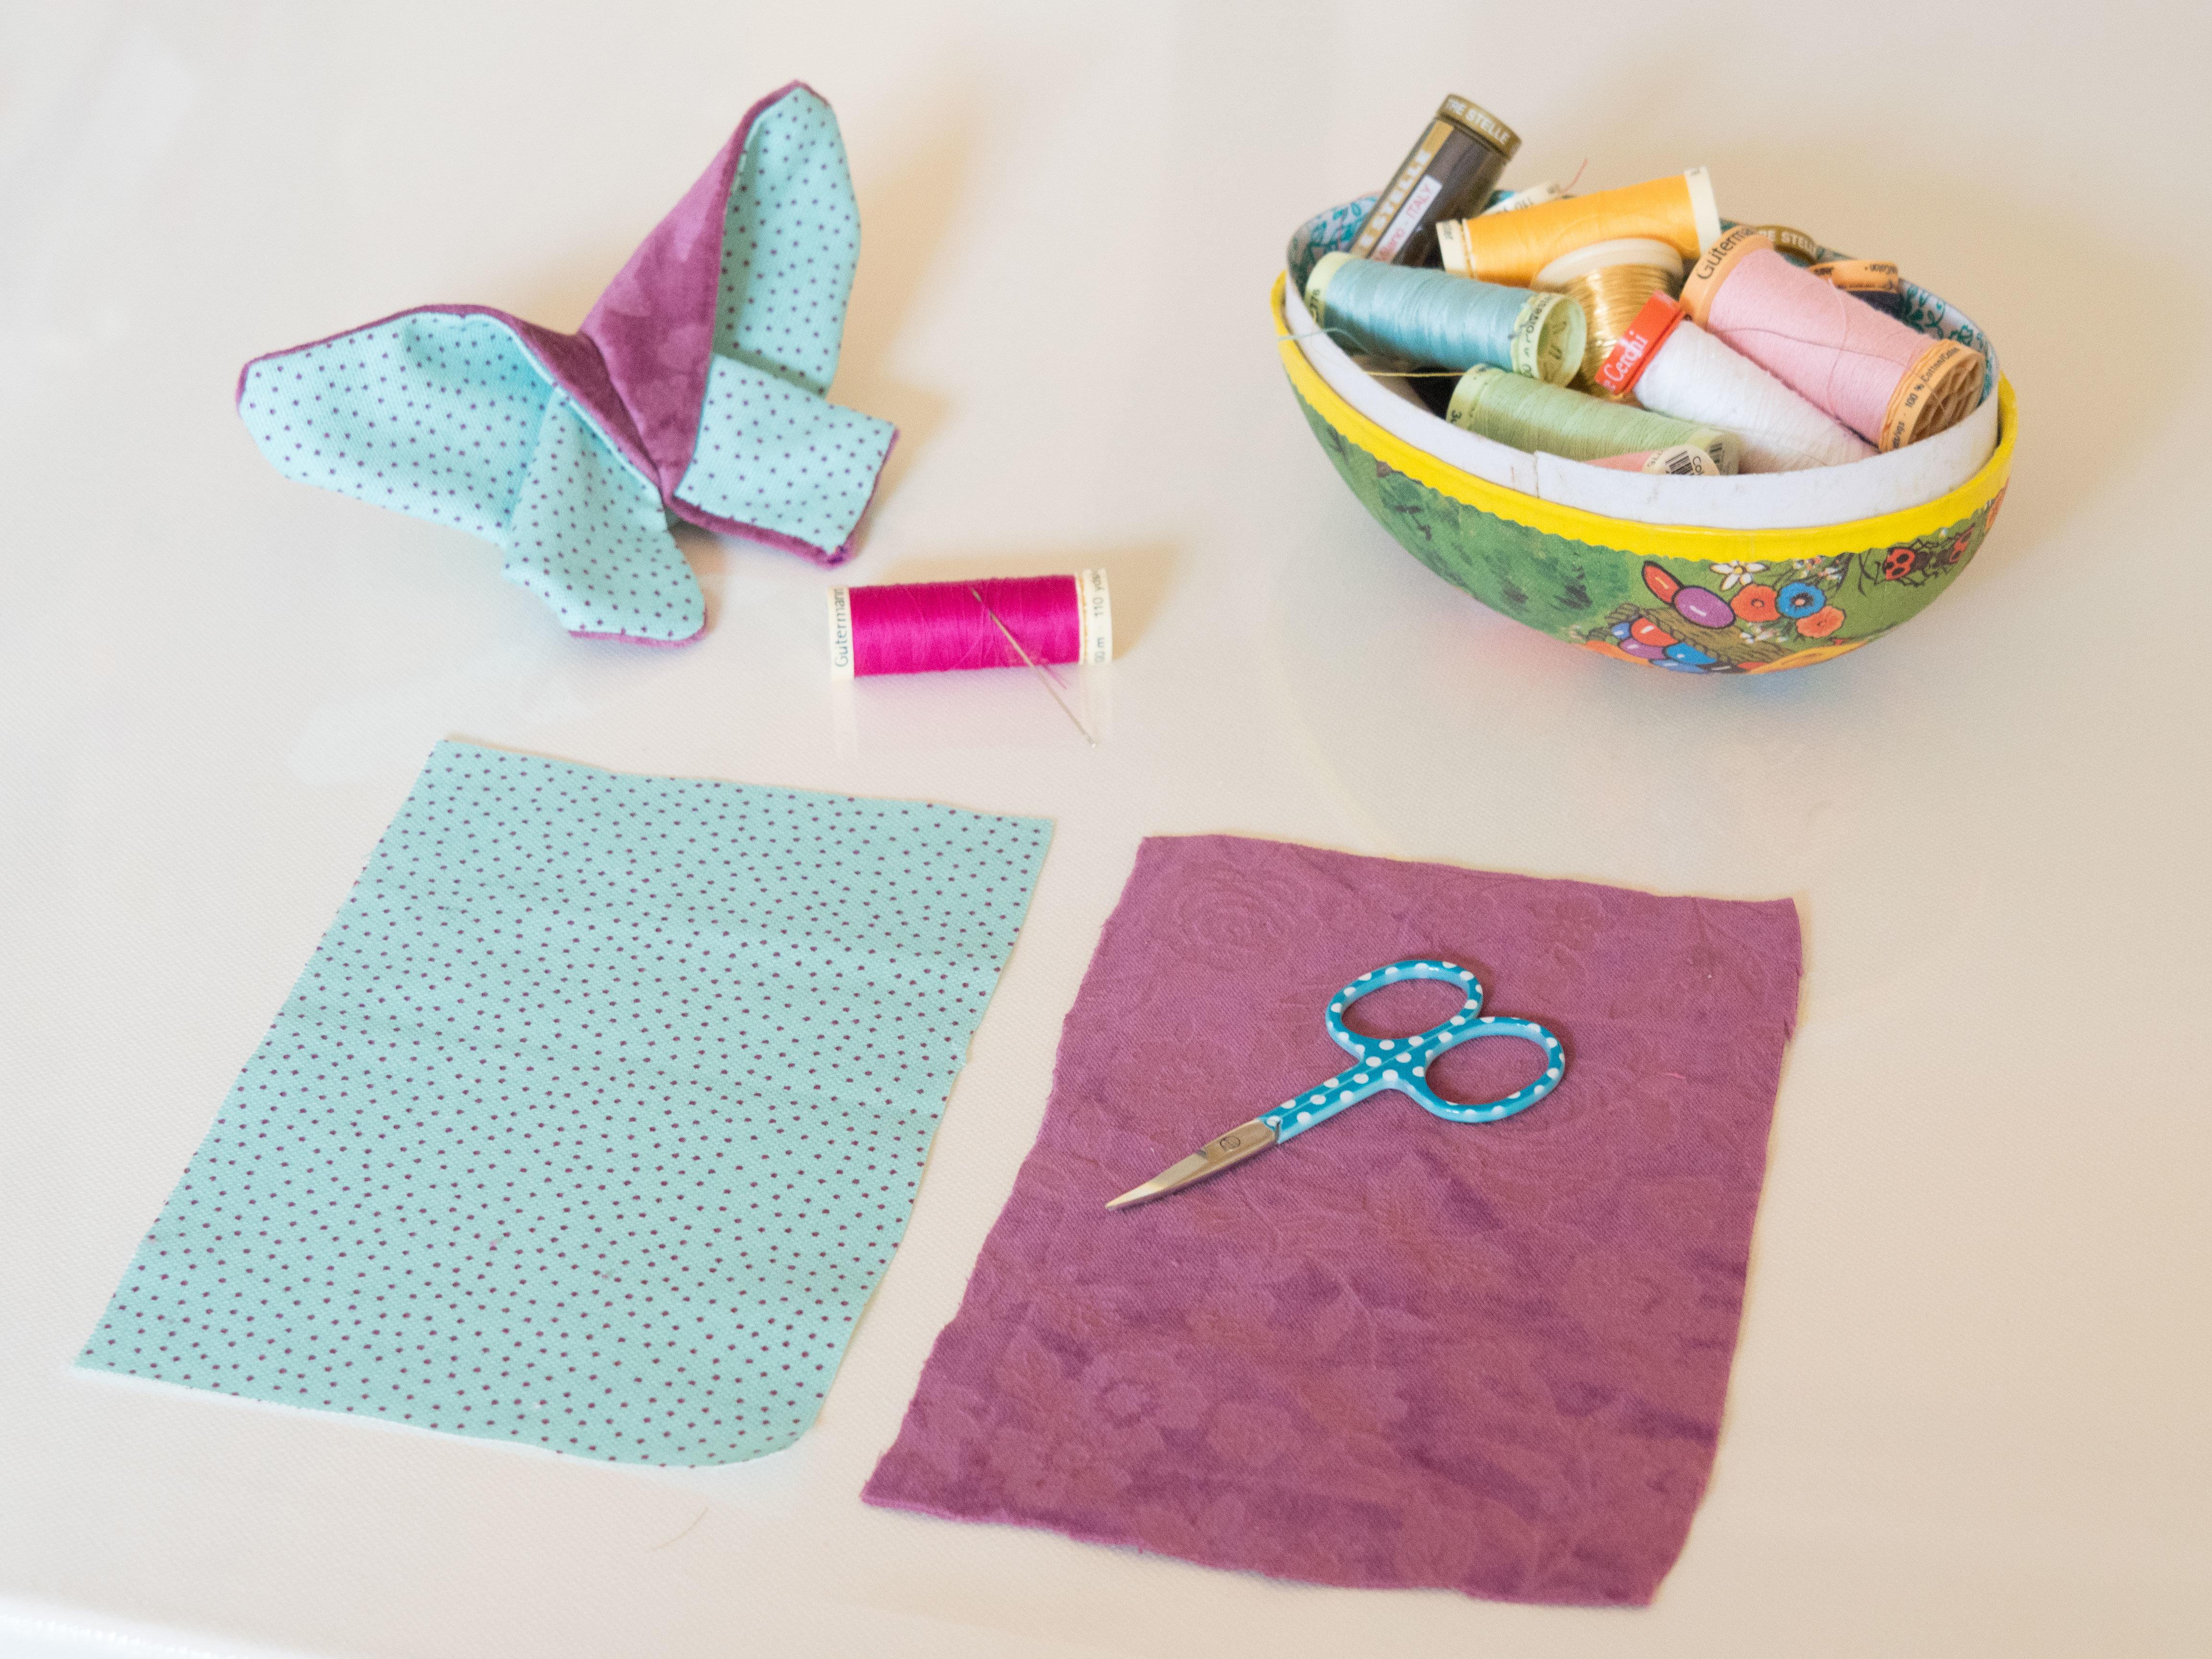 farfalla-origami-stoffa-cucito-creativo-tutorial_1b